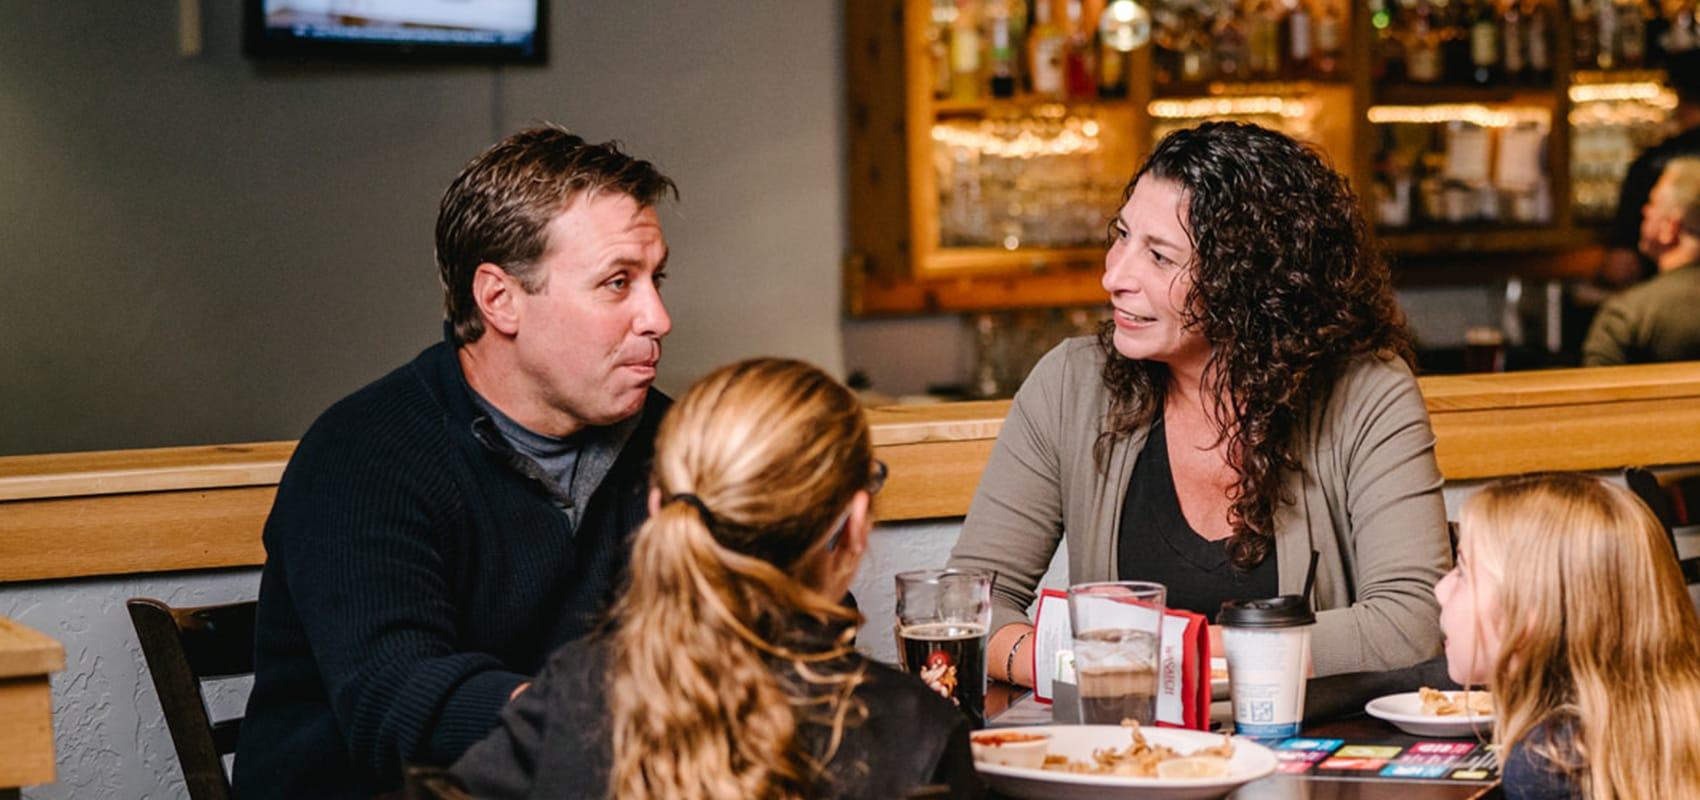 5 Fun Restaurants for Families in Park City, Utah Image